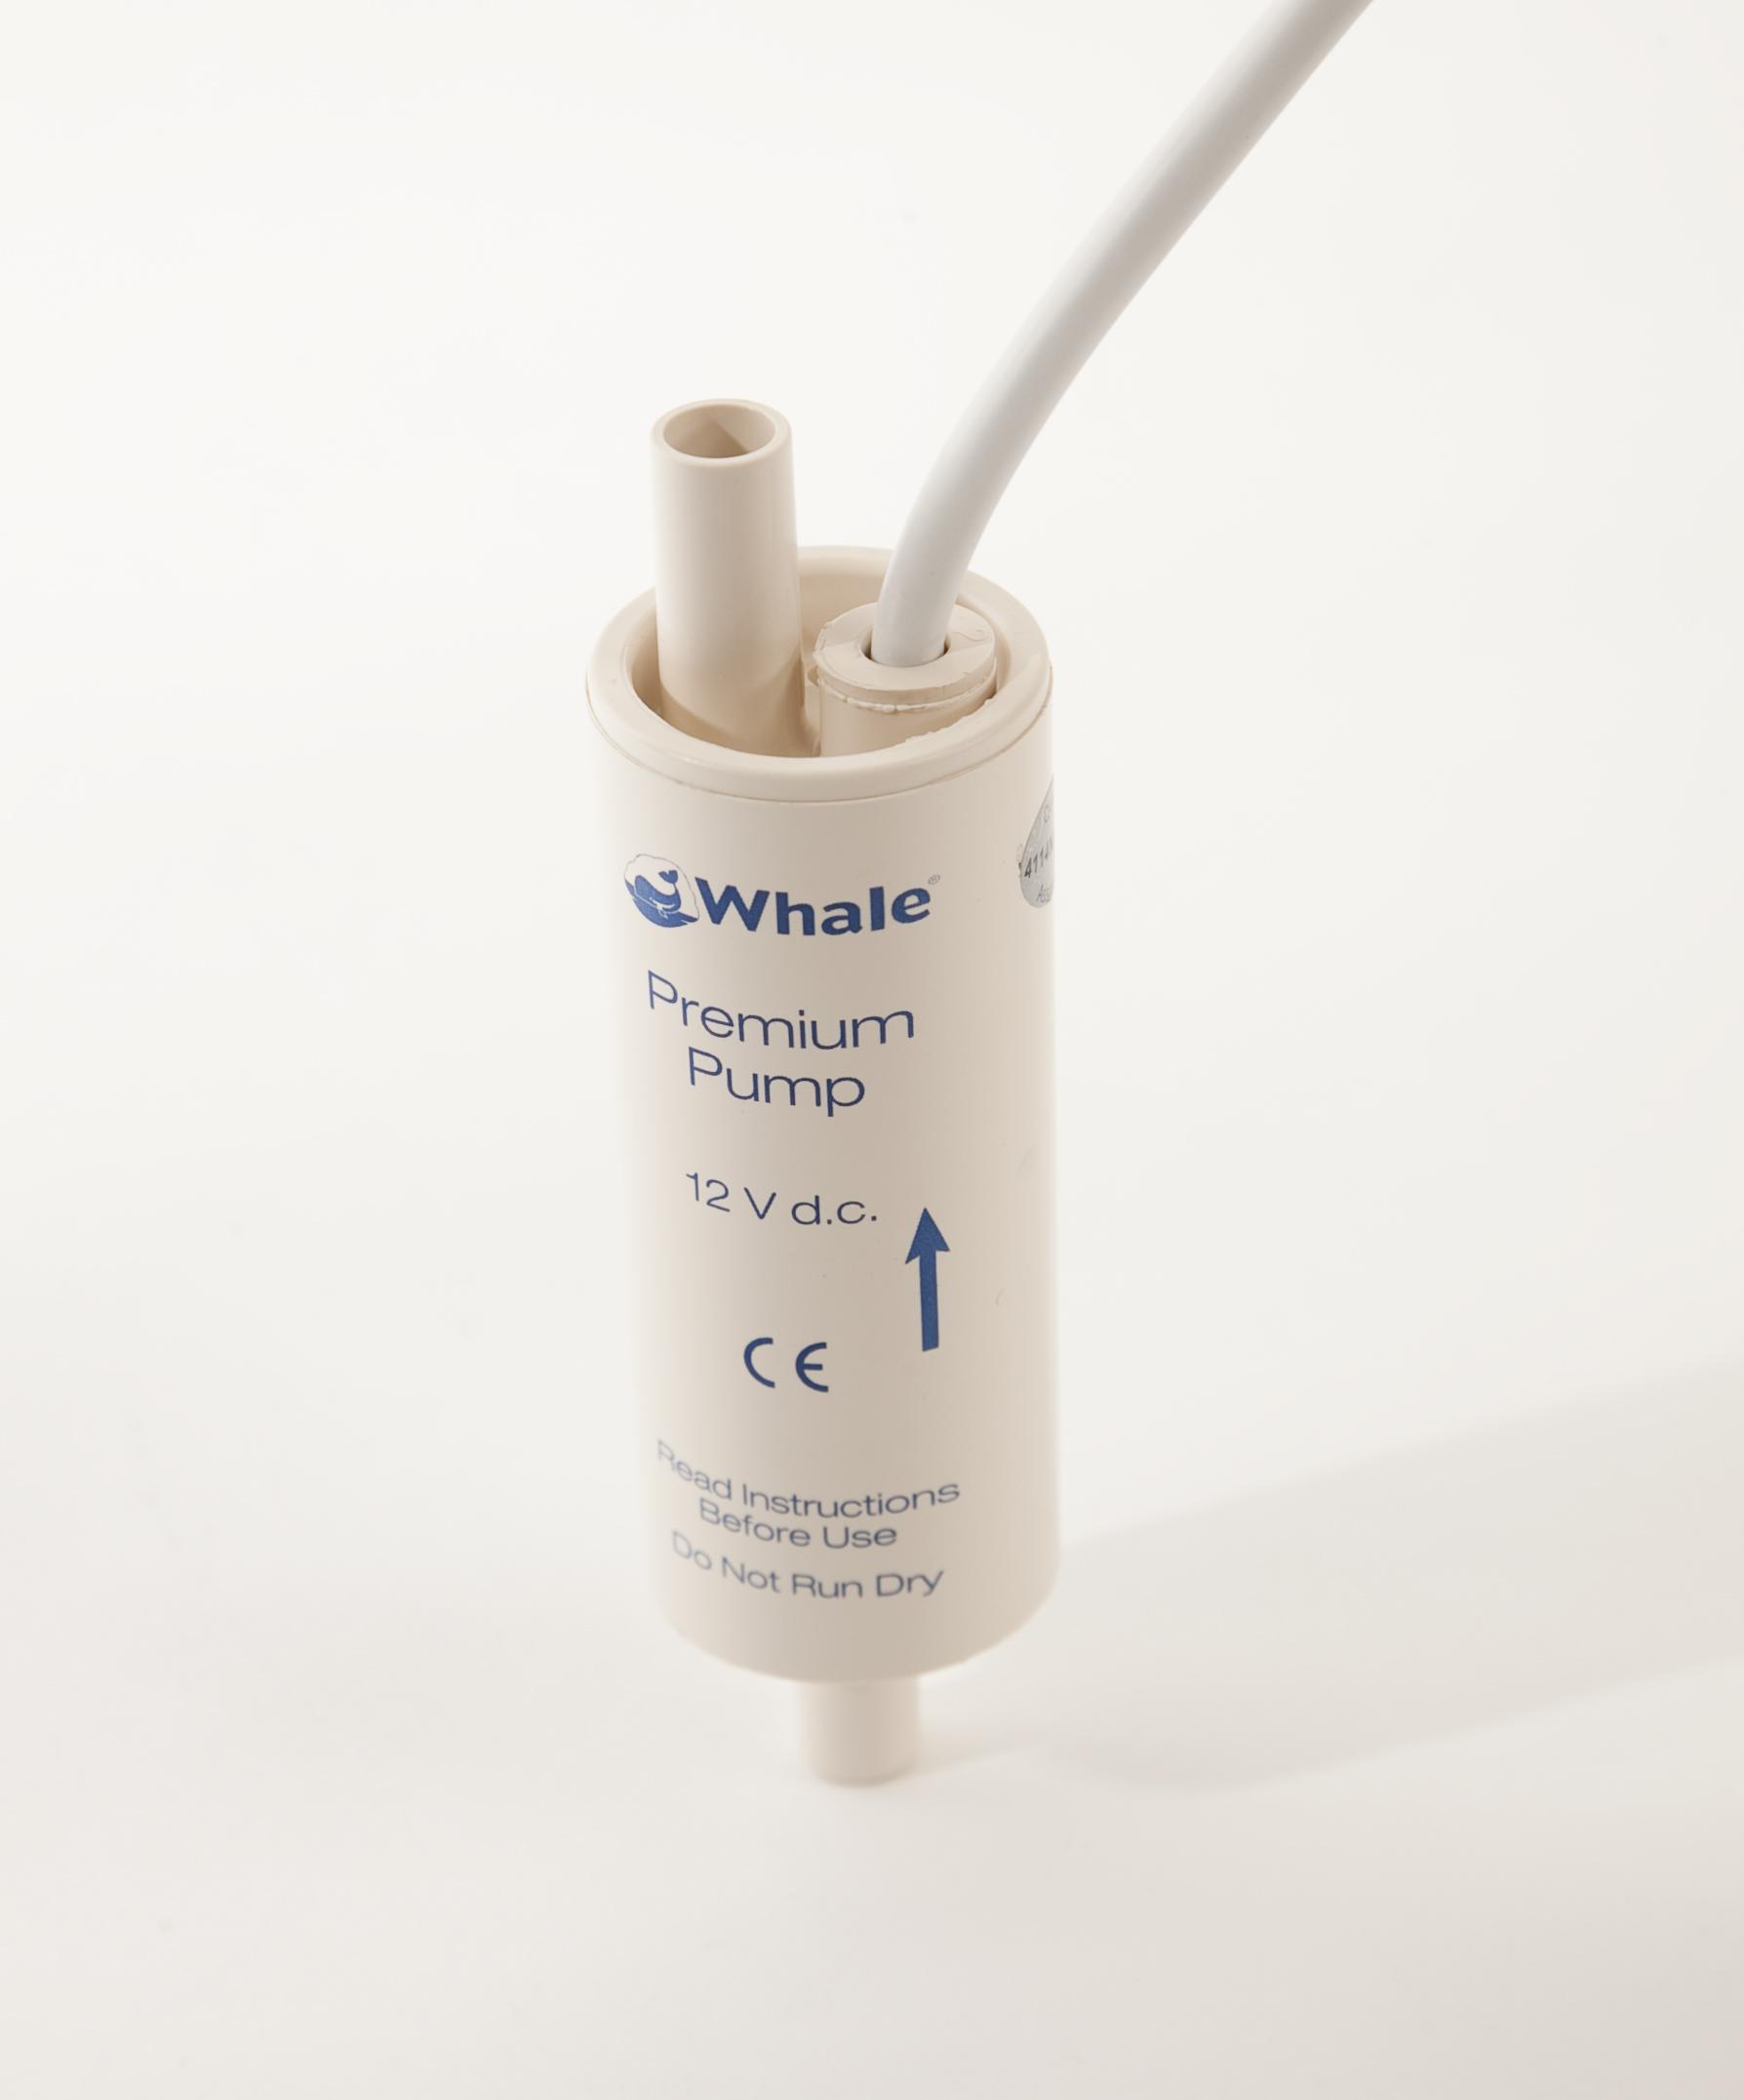 whale premium pump instructions